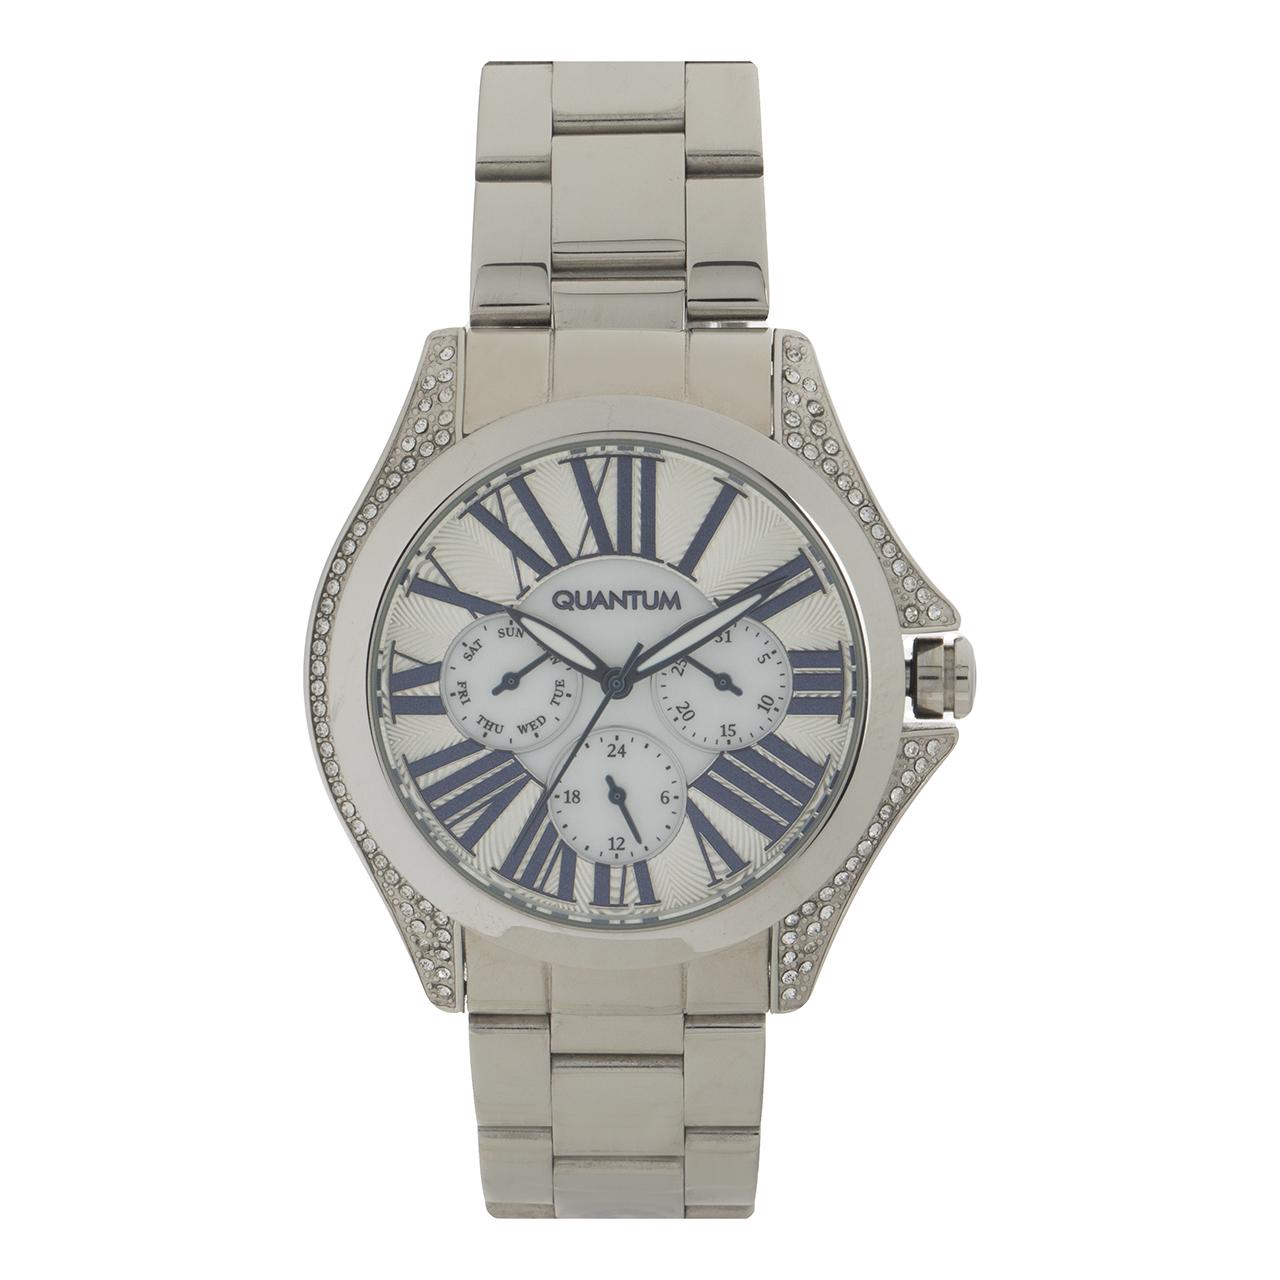 ساعت زنانه برند کوانتوم مدل IML387.330